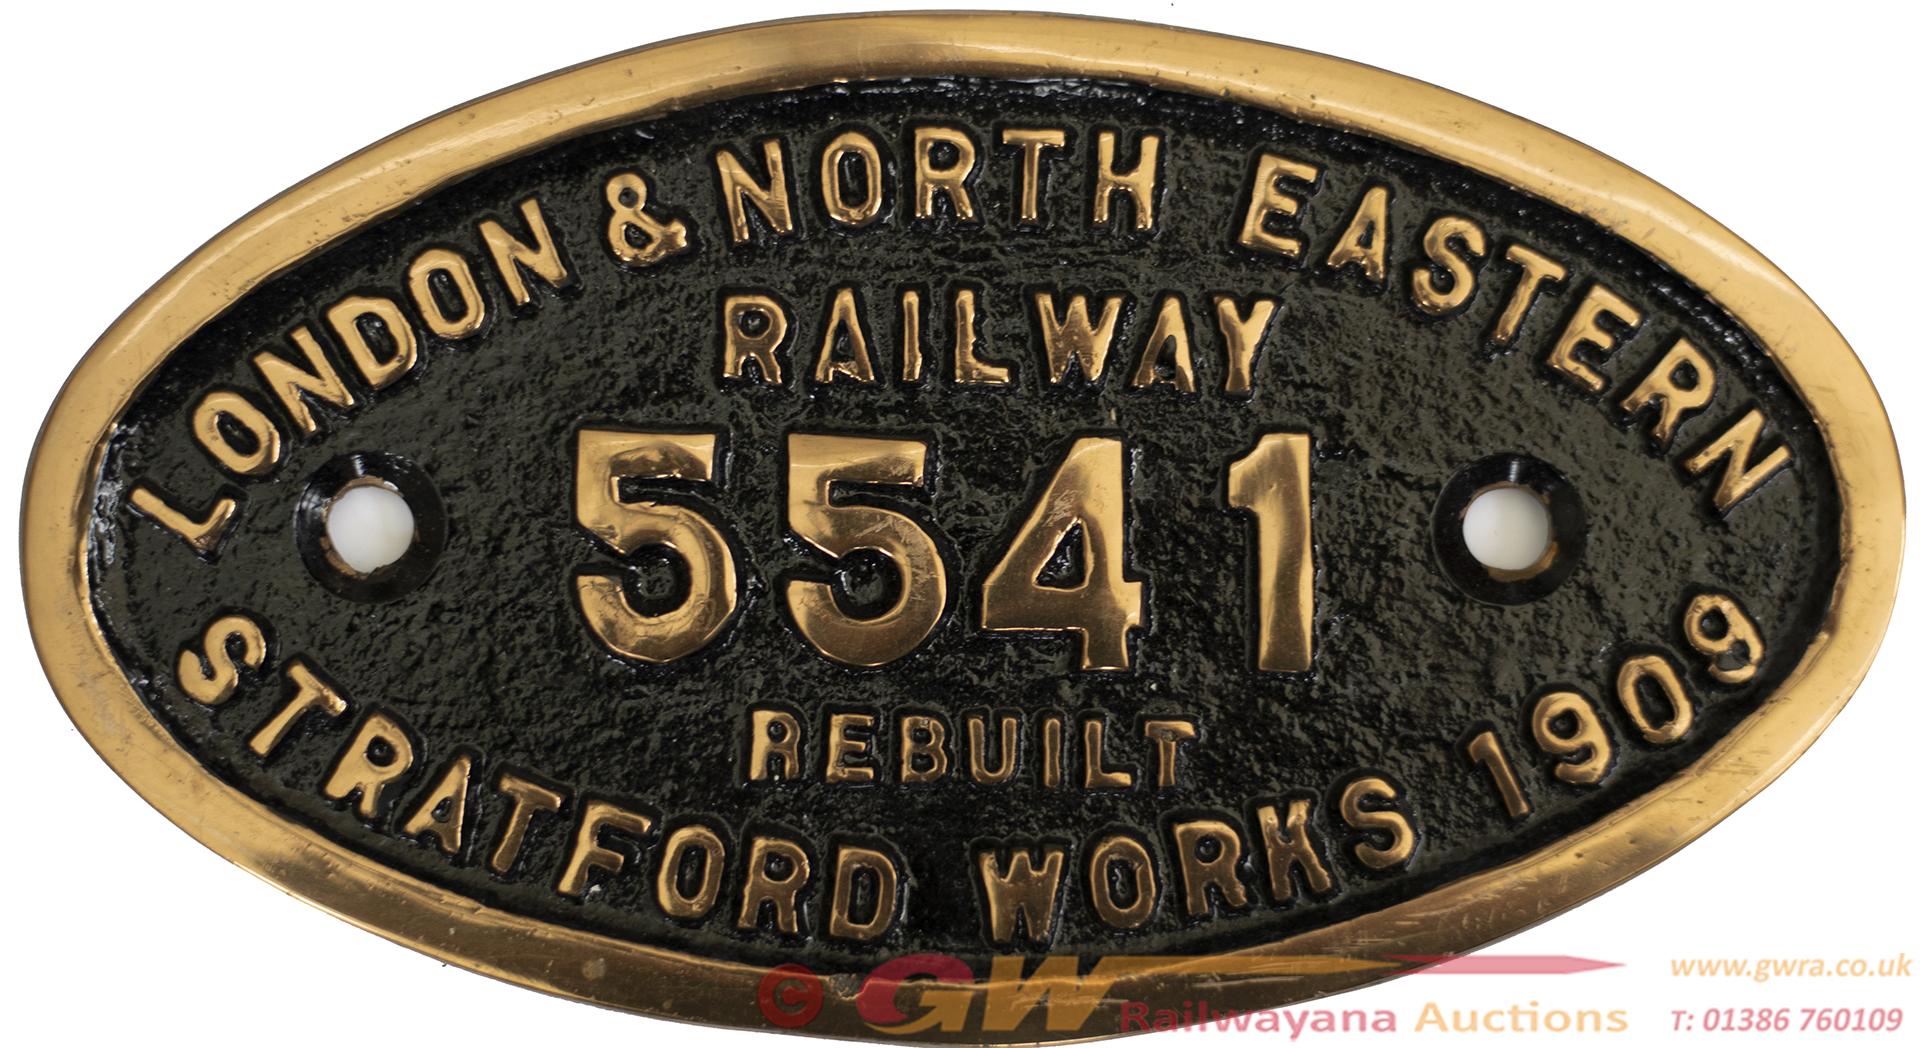 Worksplate LONDON & NORTH EASTERN RAILWAY REBUILT